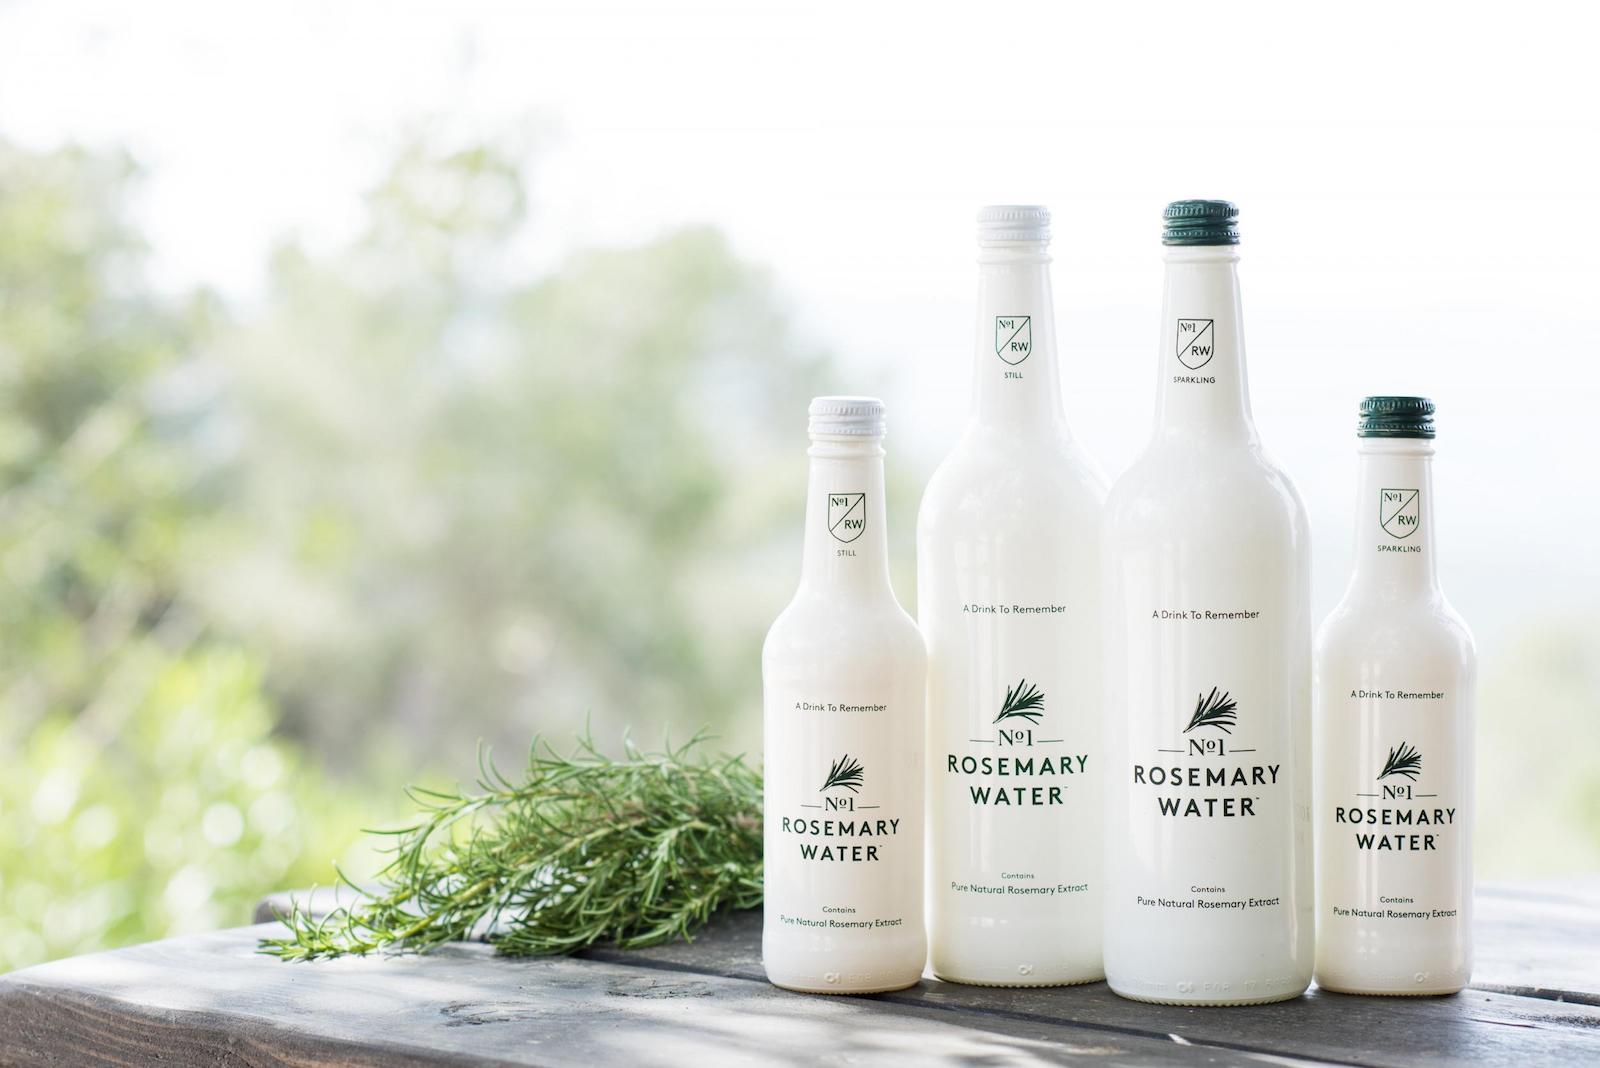 Značka No1 Botanicals nabízí bylinnou vodu jako zdravou alternativu k alkoholu